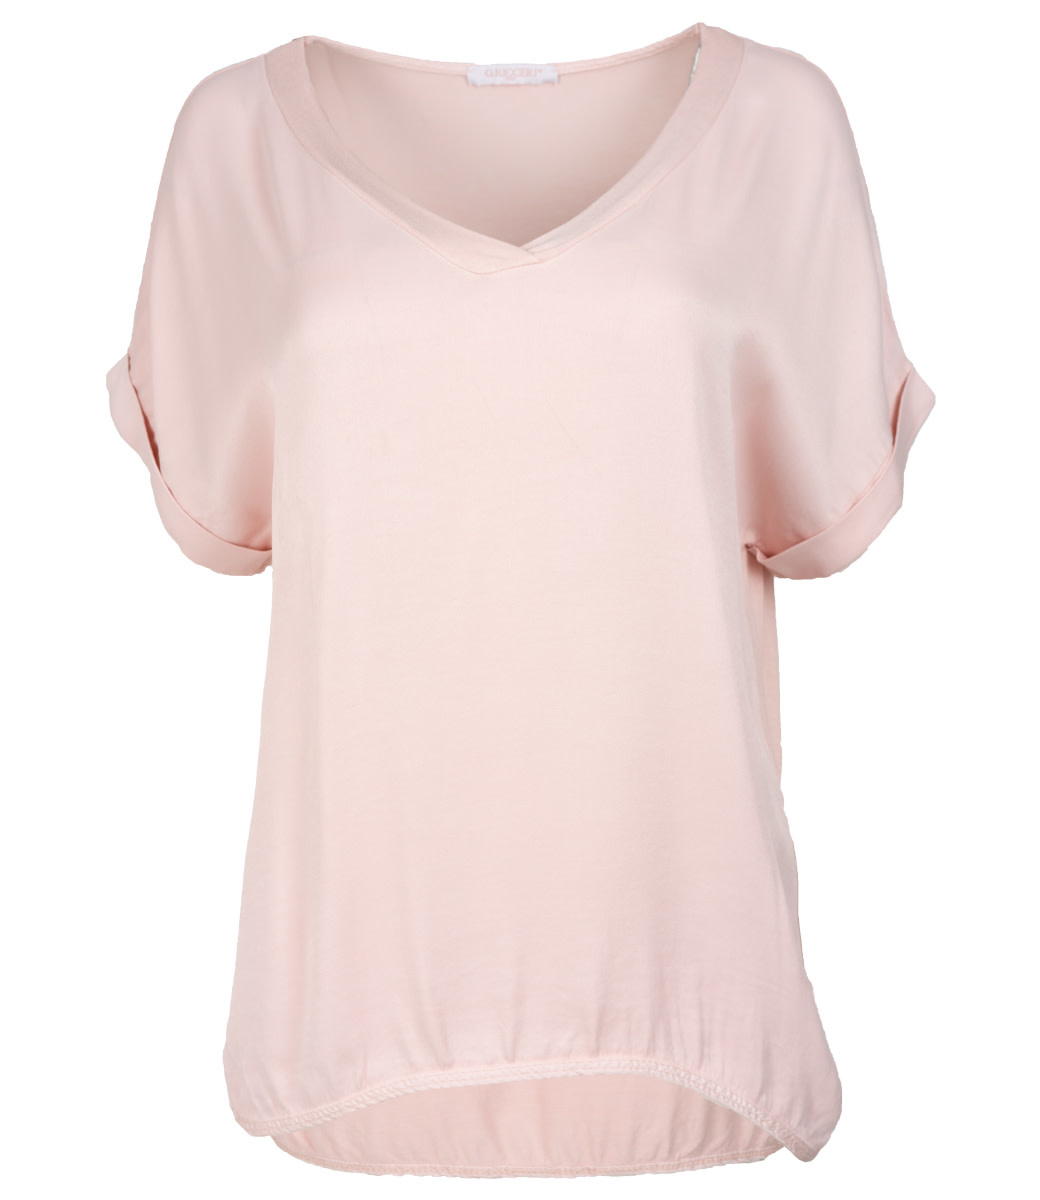 Gemma Ricceri Shirt roze silk touch v hals